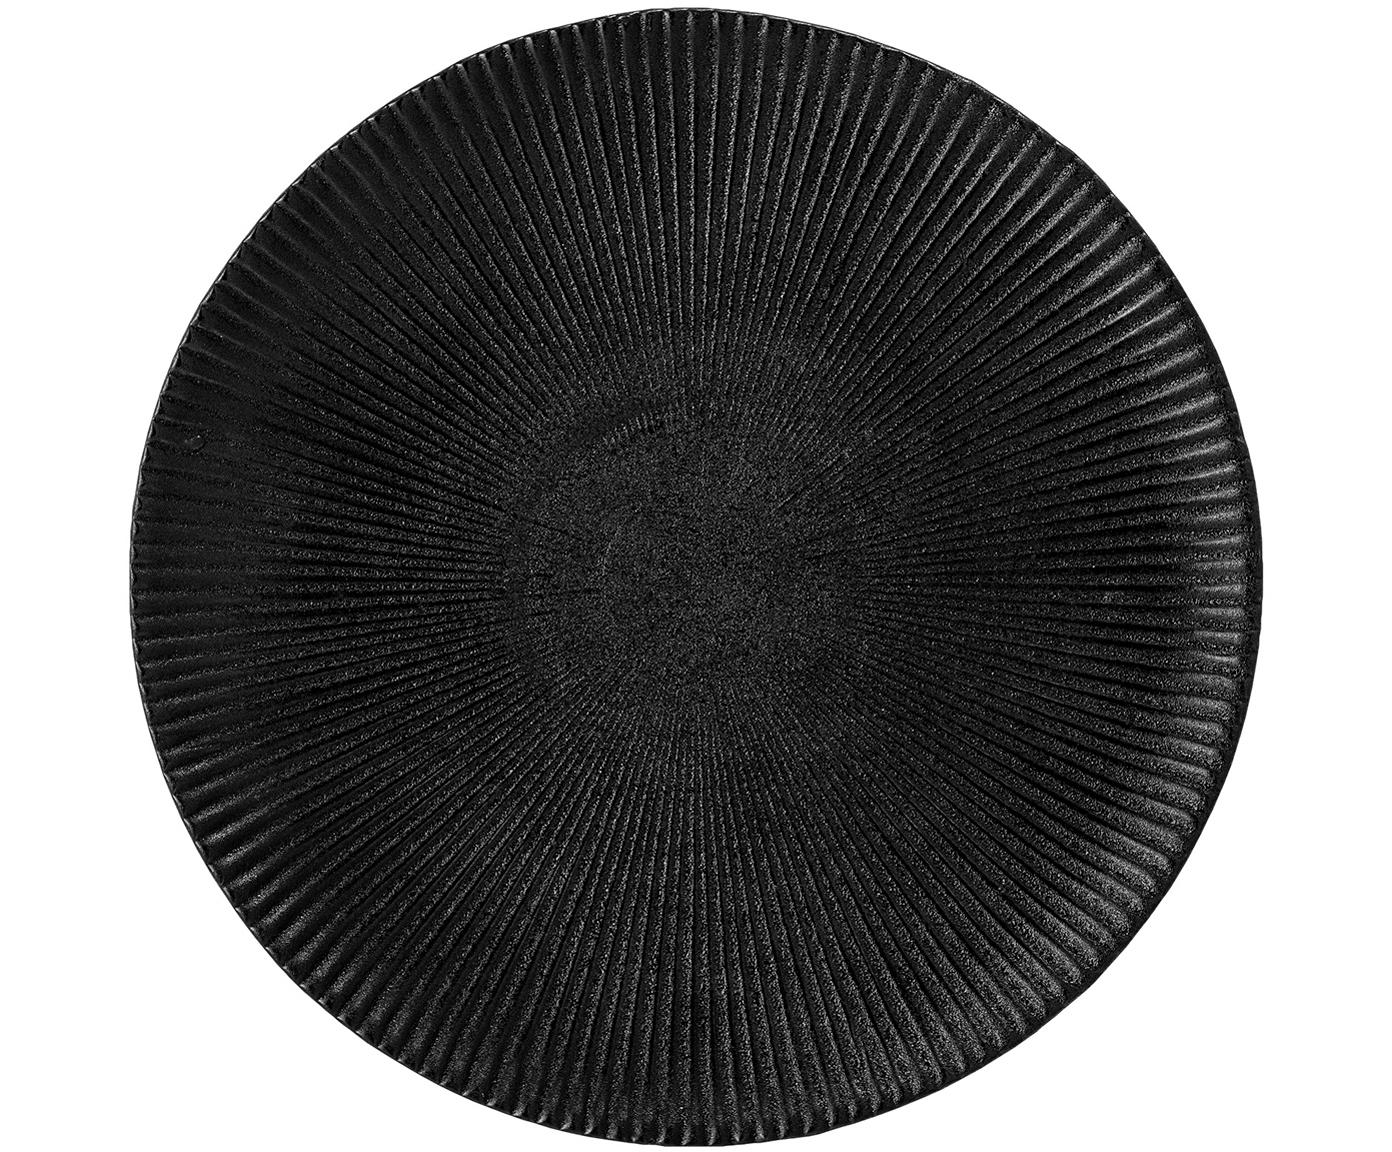 Platos de postre con relieves Neri, 2uds., Gres, Negro, Ø 23 cm